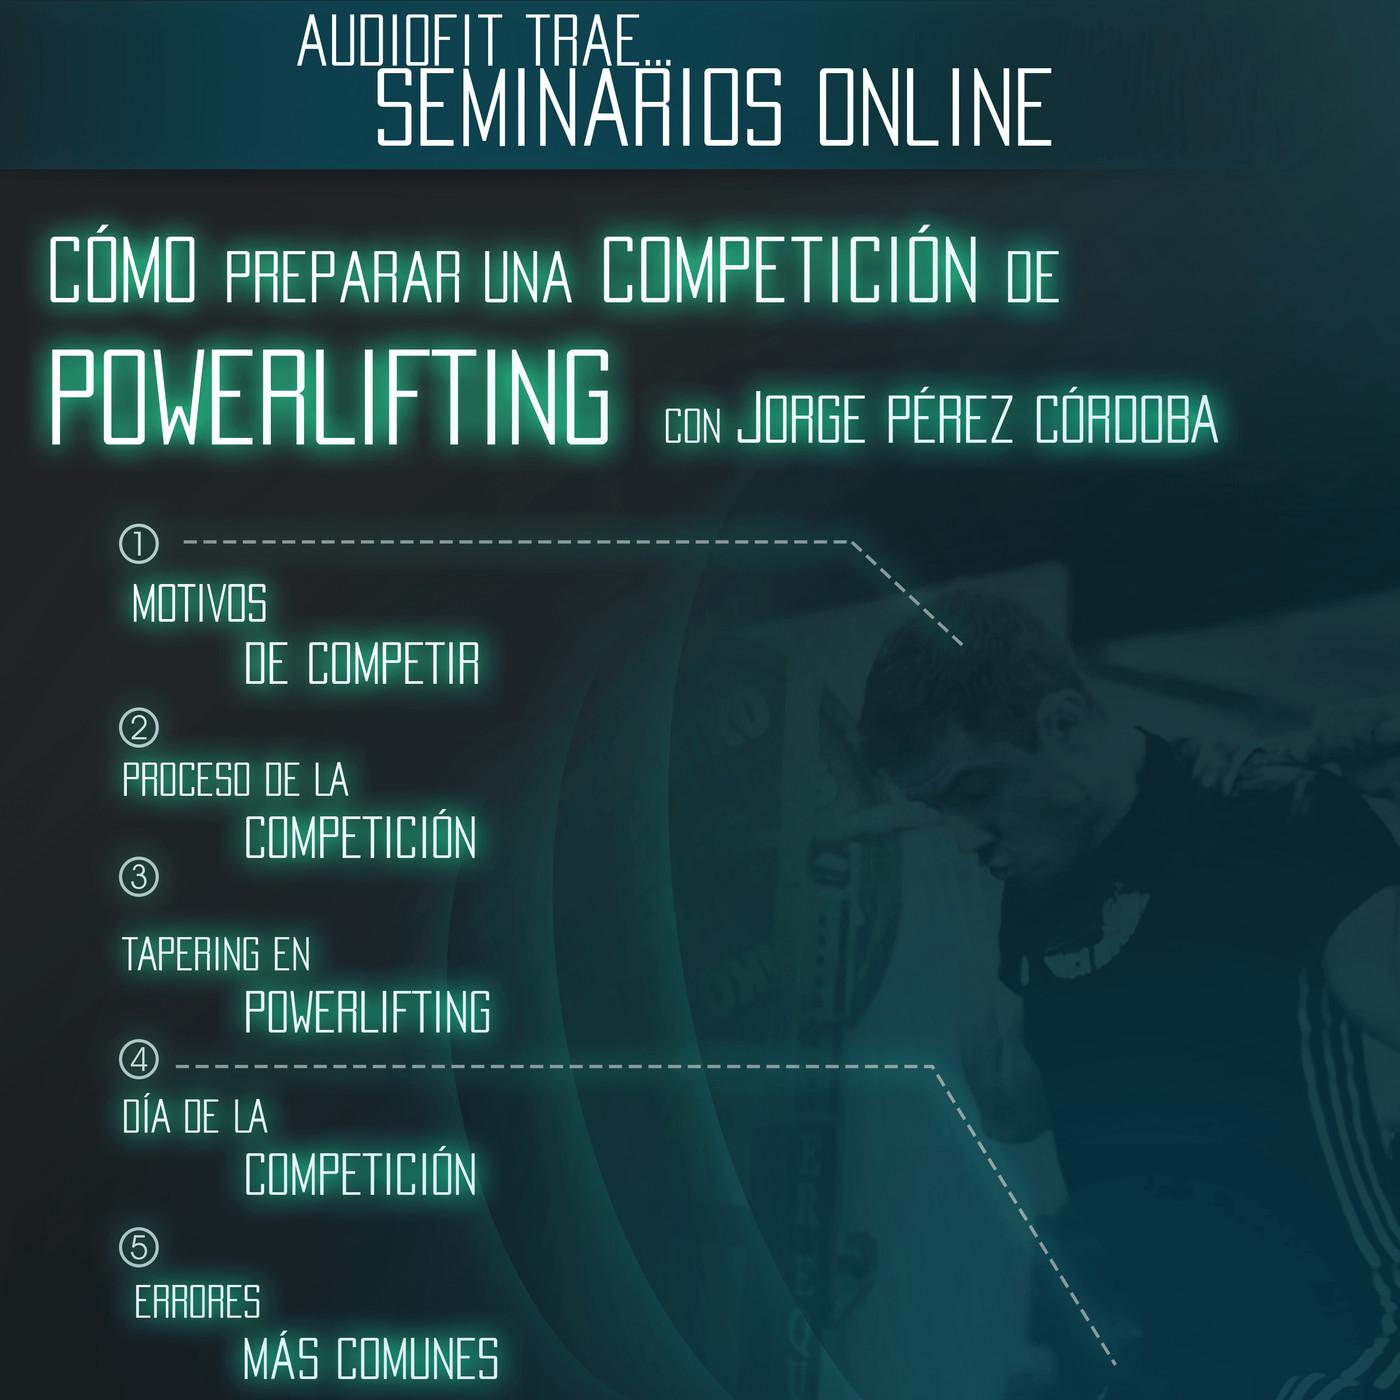 Cómo Preparar una Competición de Powerlifting - Jorge Pérez Córdoba